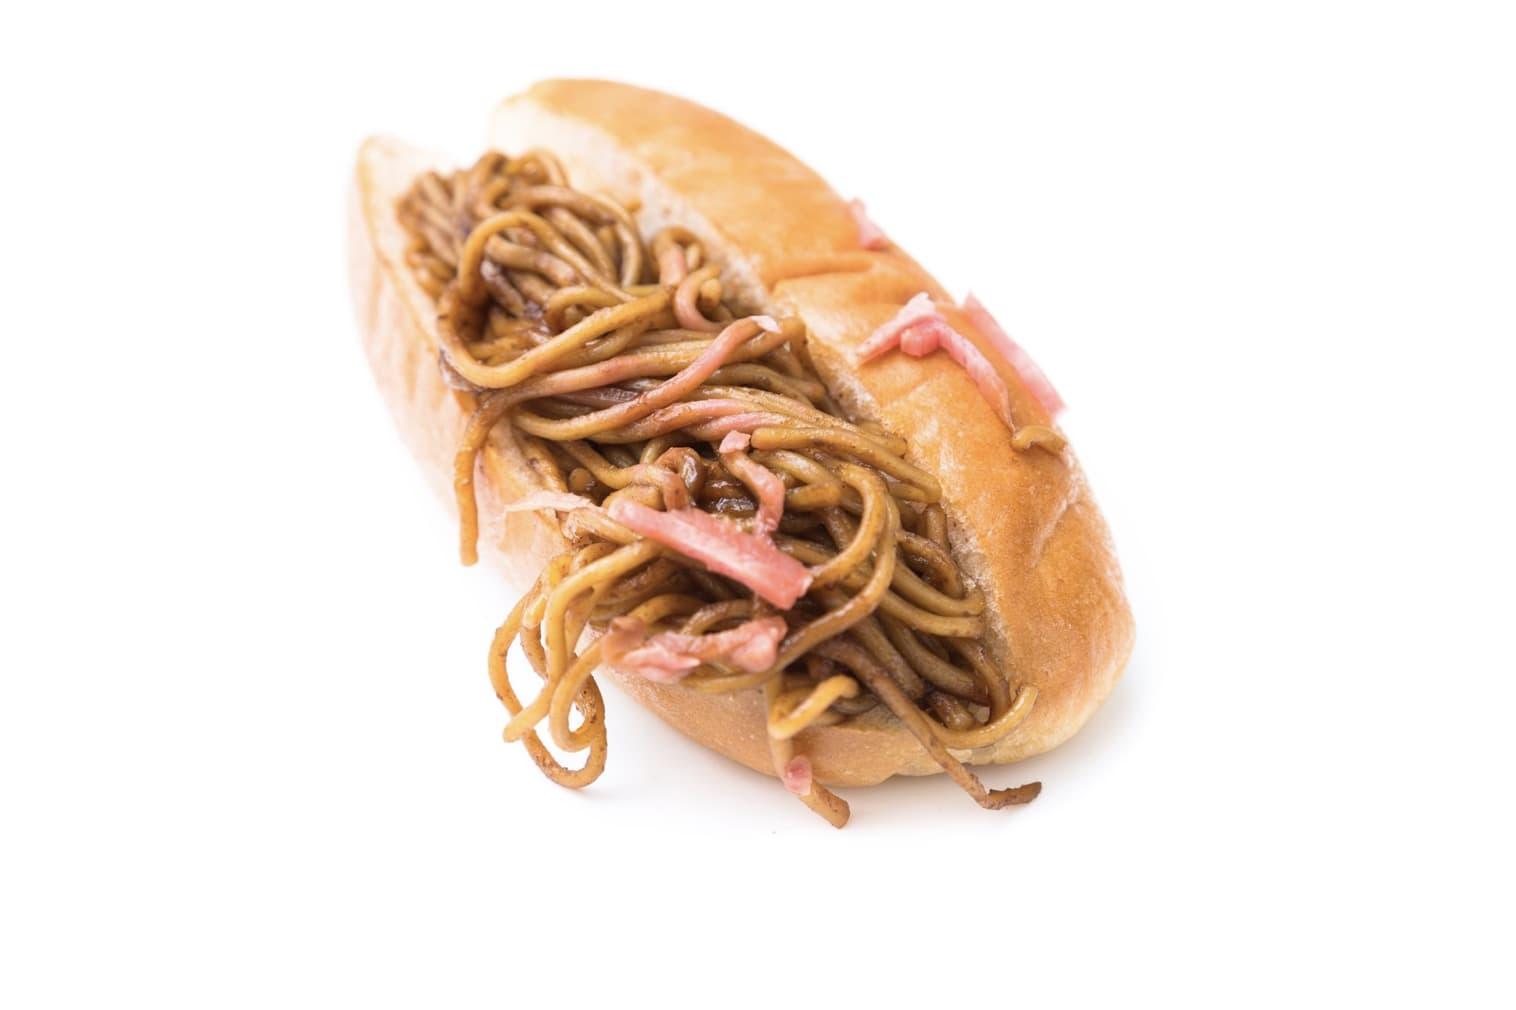 bánh mì kẹp mì sợi là một trong những món ăn kết hợp hương vị kỳ cục nhất ở Nhật Bản